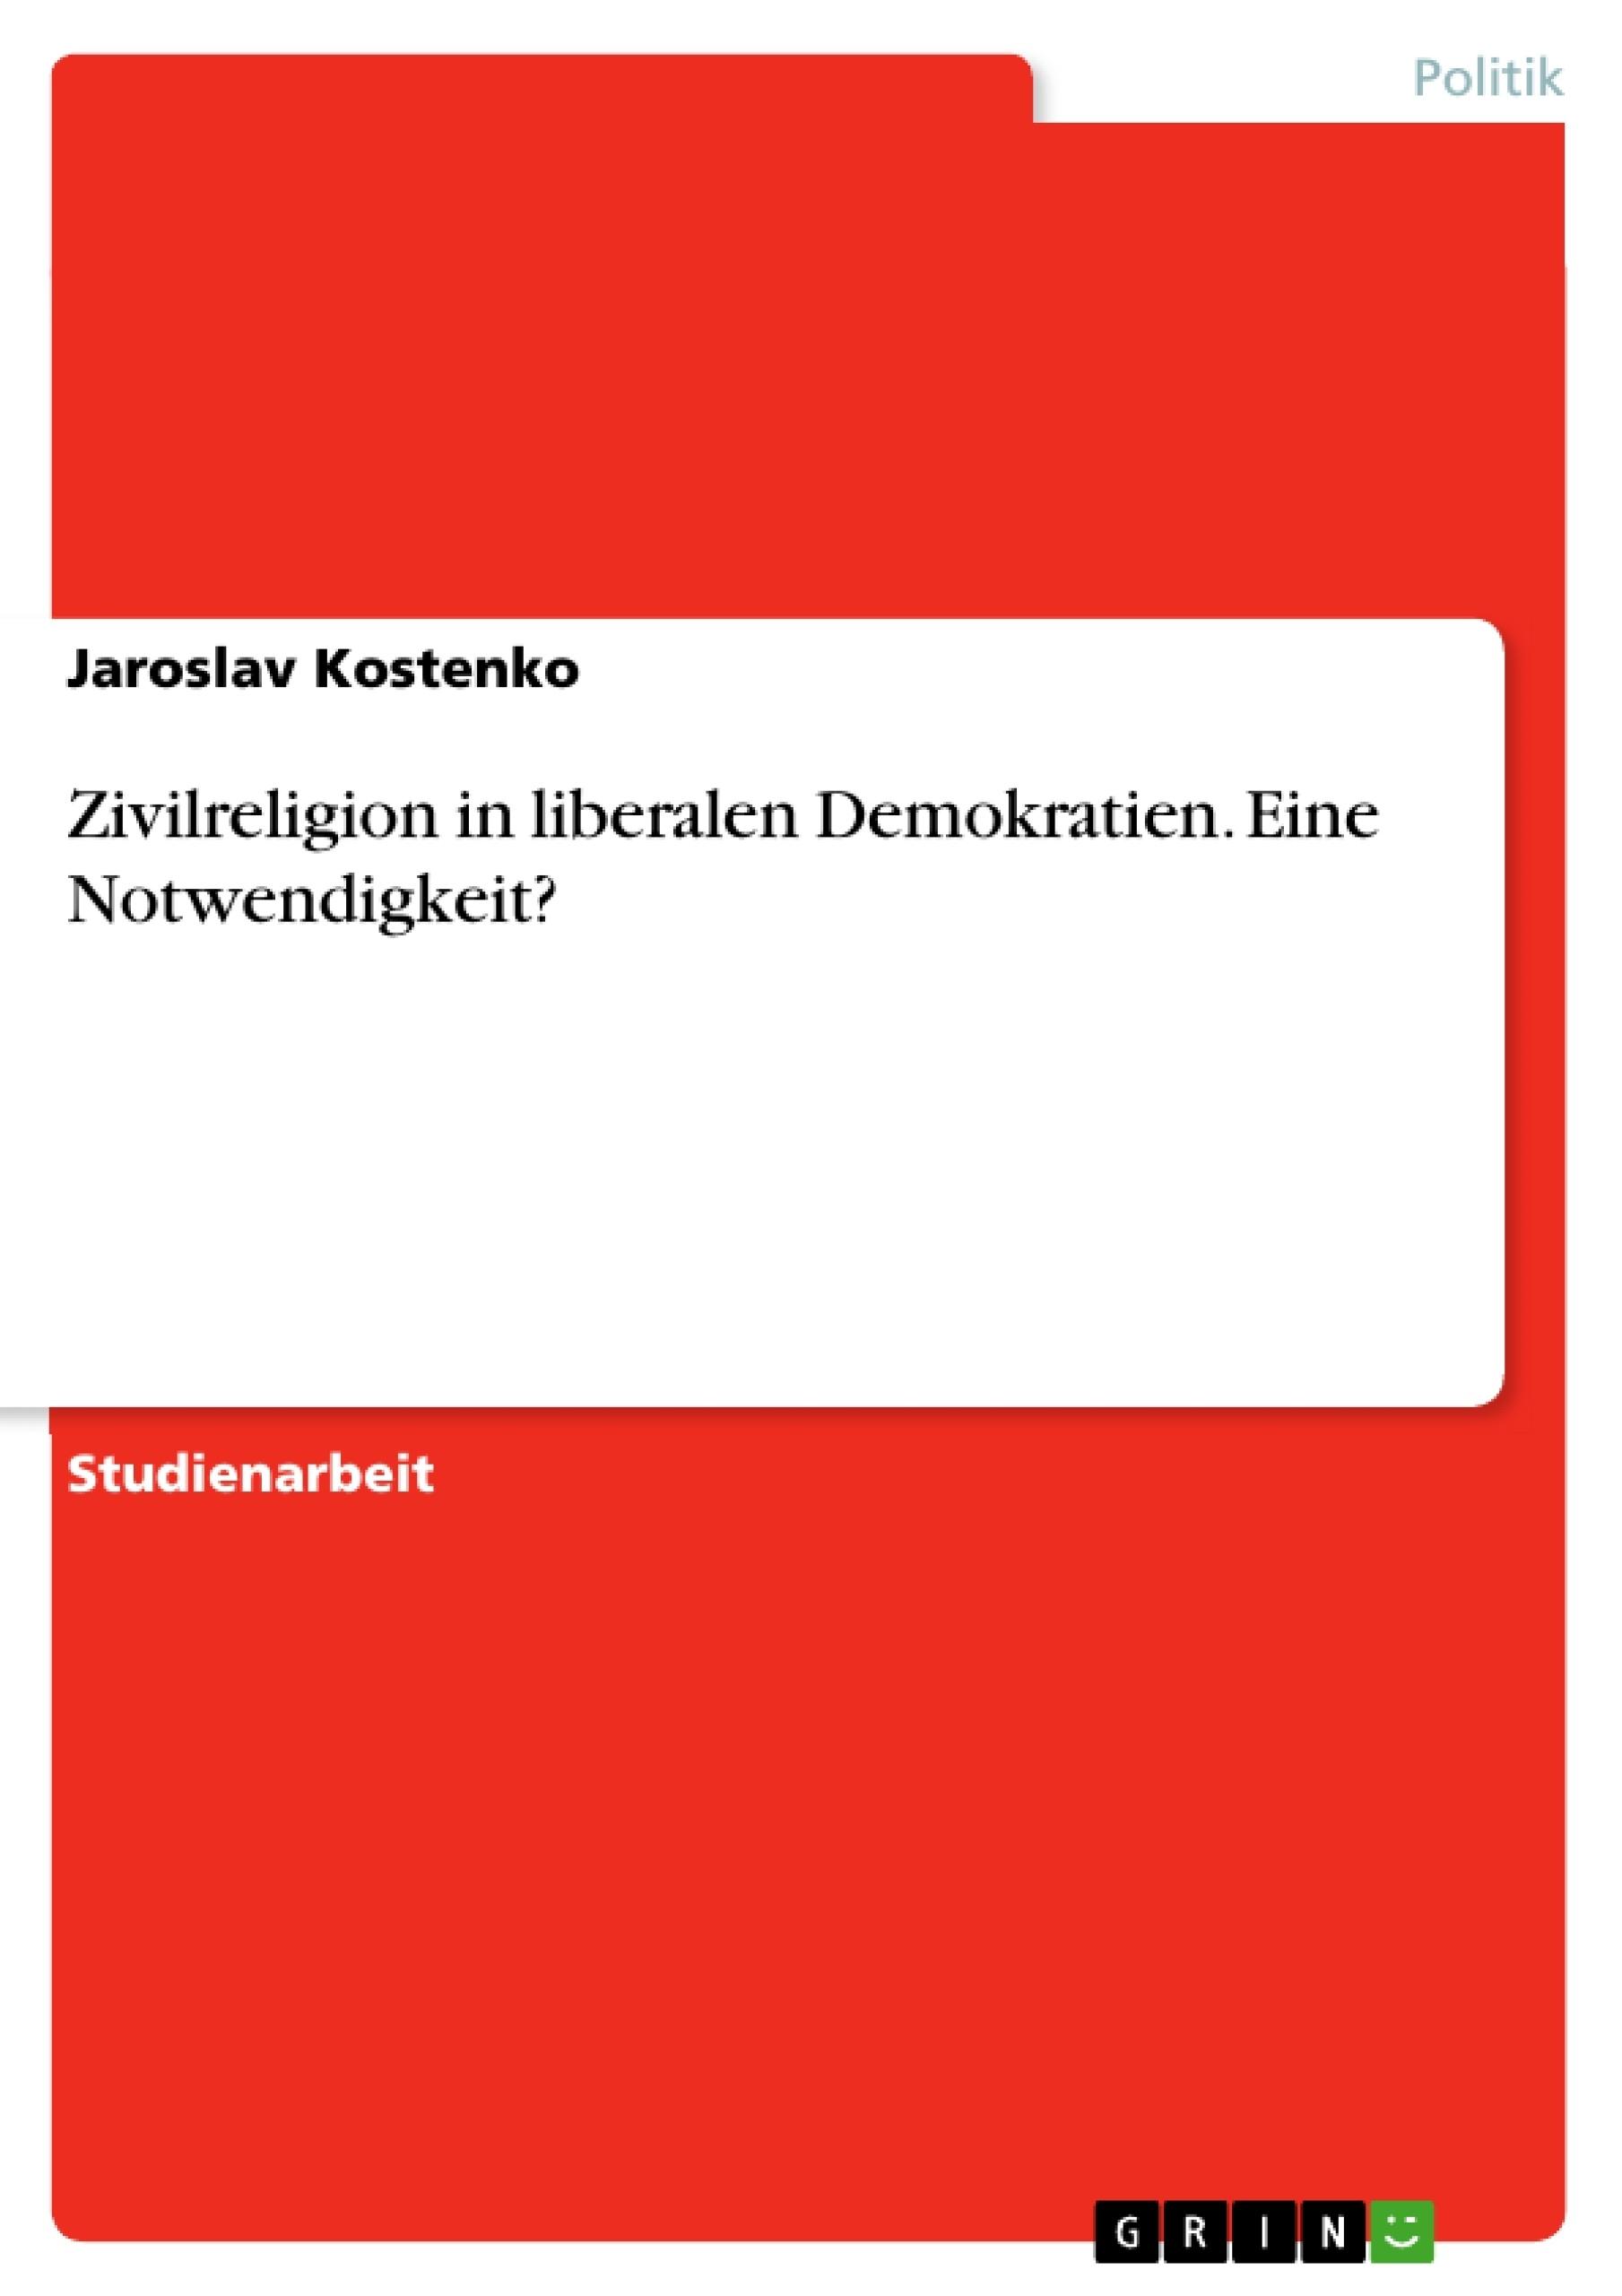 Titel: Zivilreligion in liberalen Demokratien. Eine Notwendigkeit?